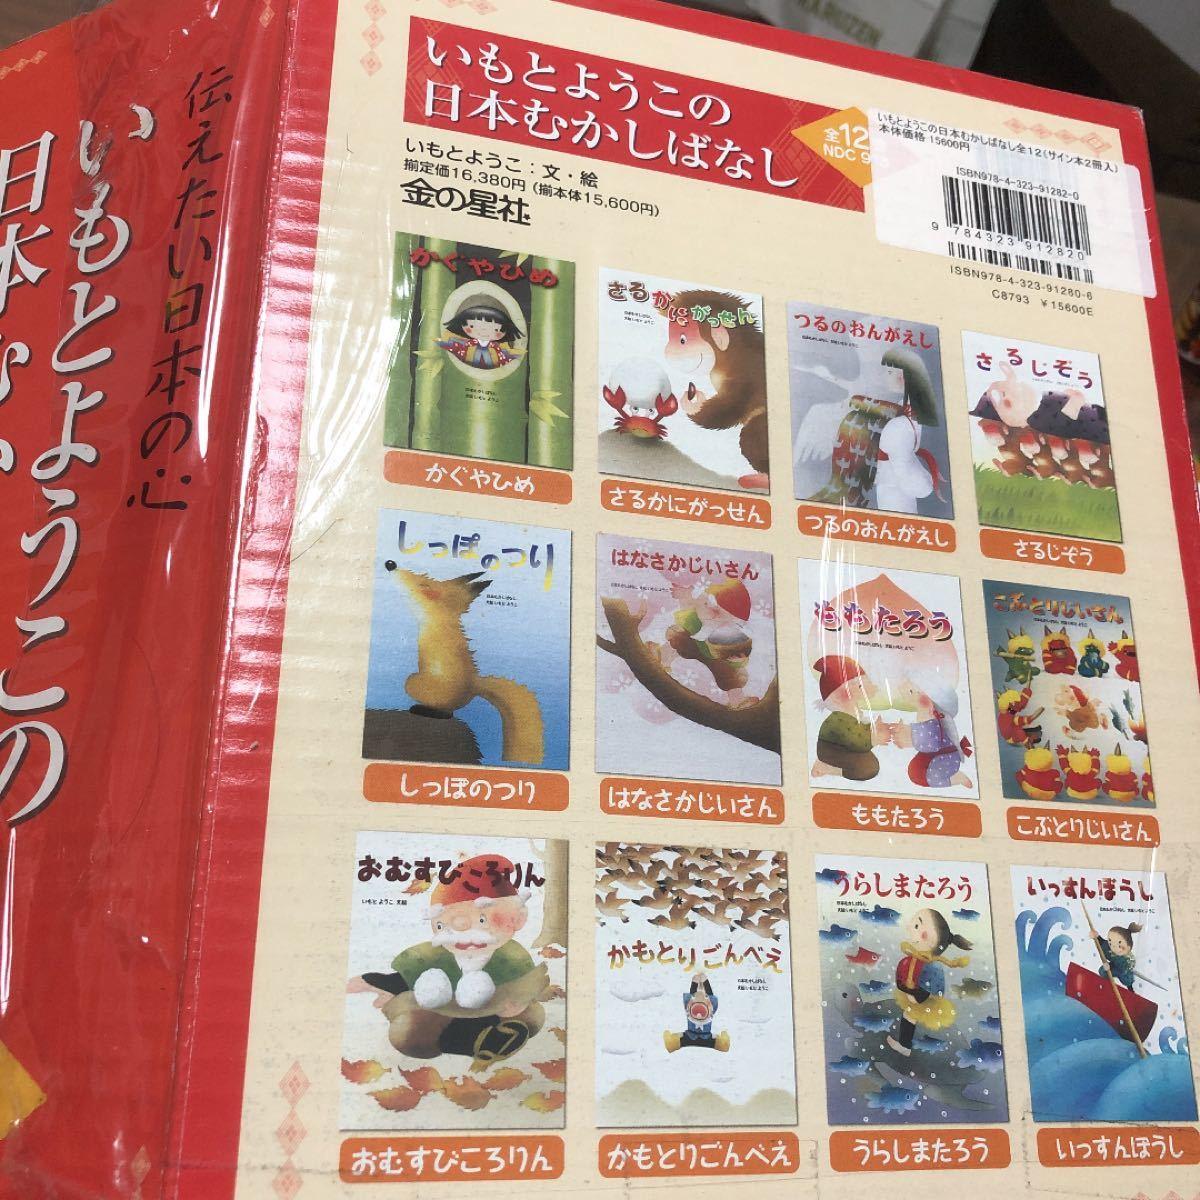 いもとようこ絵本【サイン本2冊入り】+日本昔ばなしCD付き絵本+CD付きじゃれっこあそび